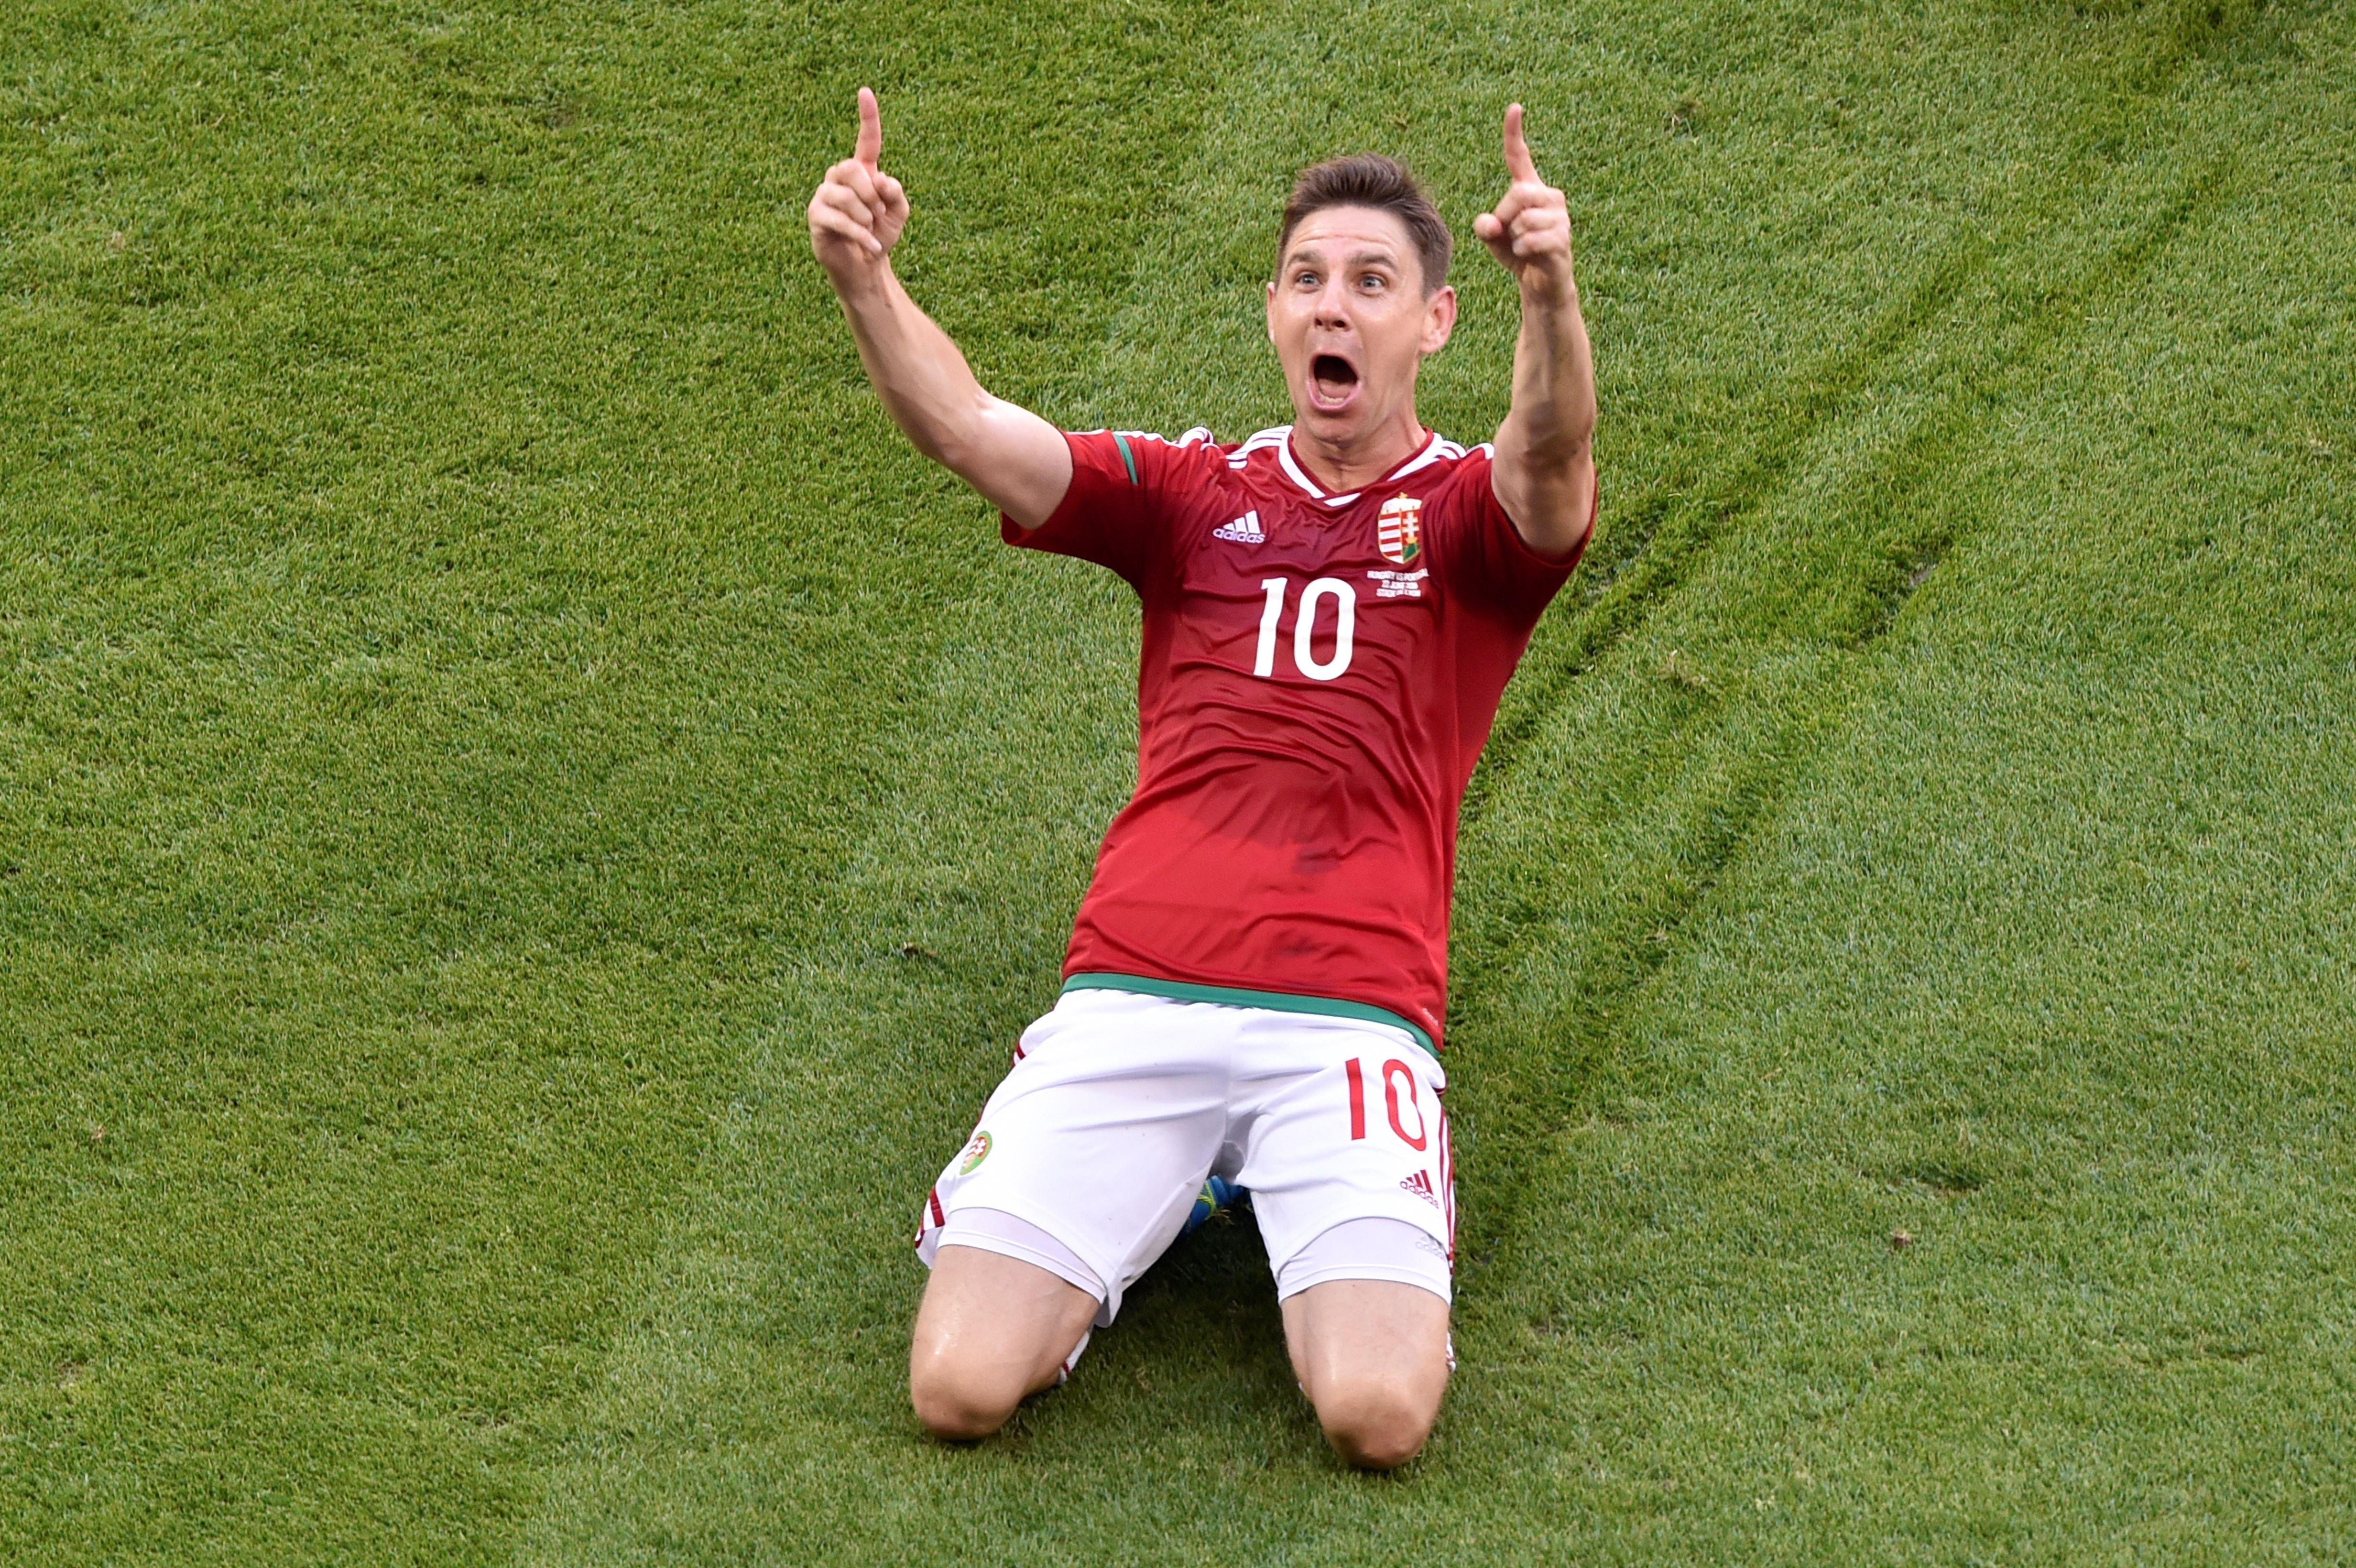 De zurda y desde afuera: éste fue el mejor gol de la Euro